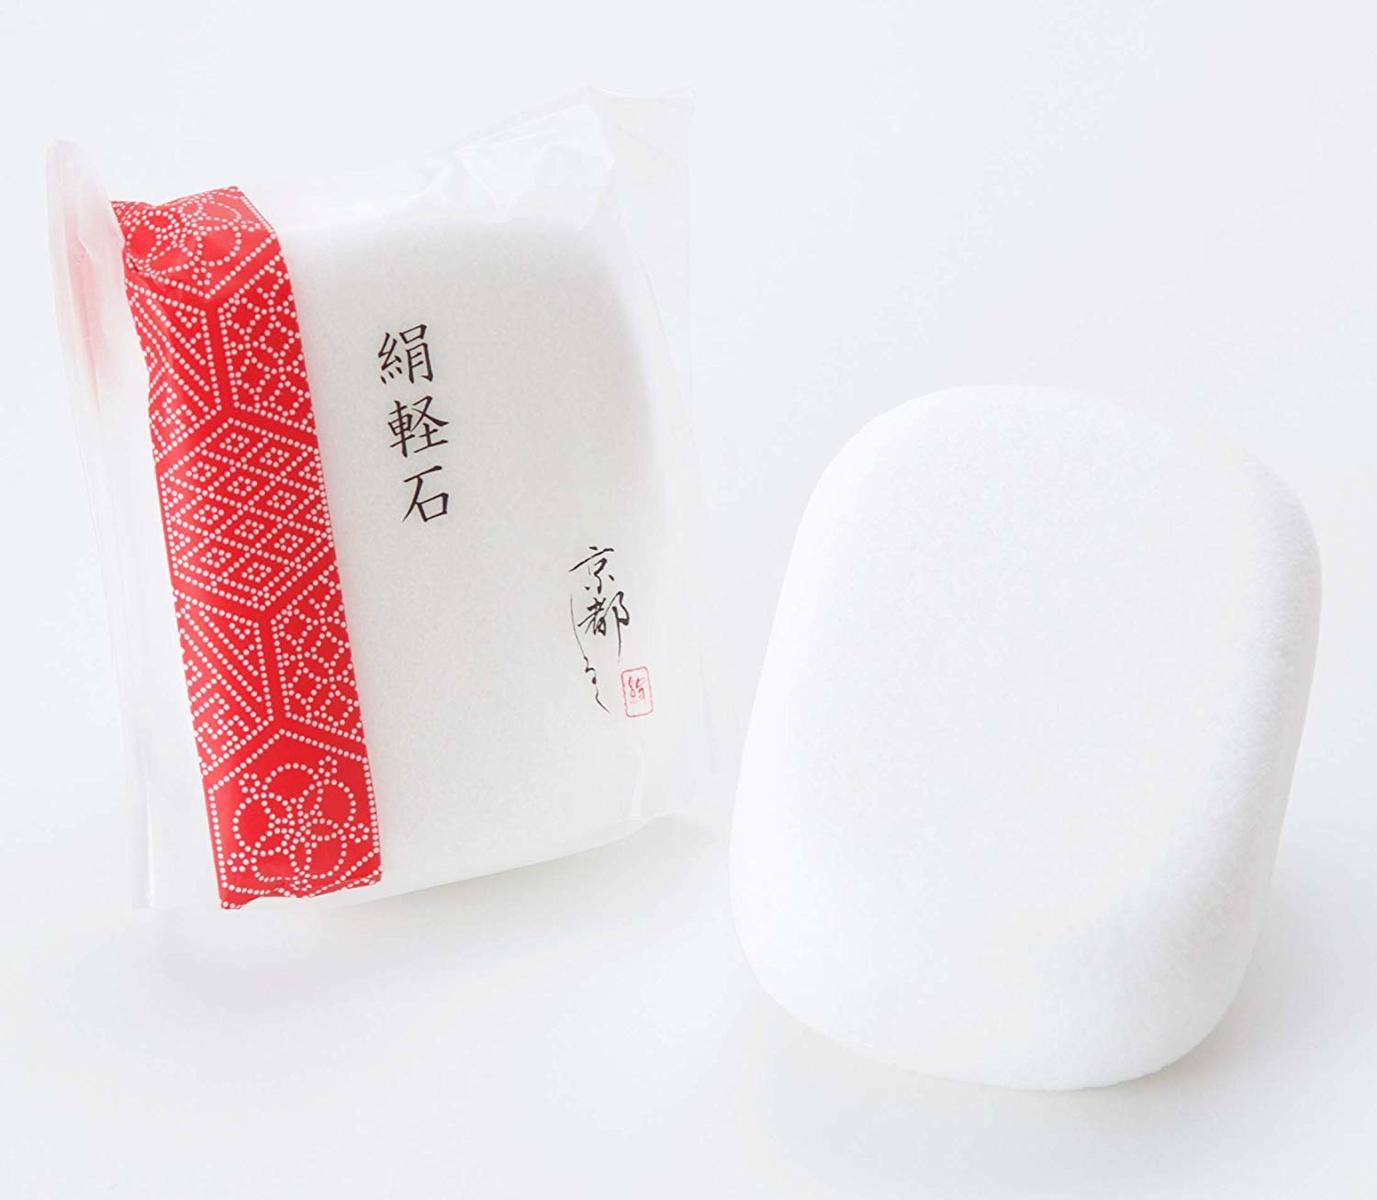 京都しるく『絹軽石(body-005)』